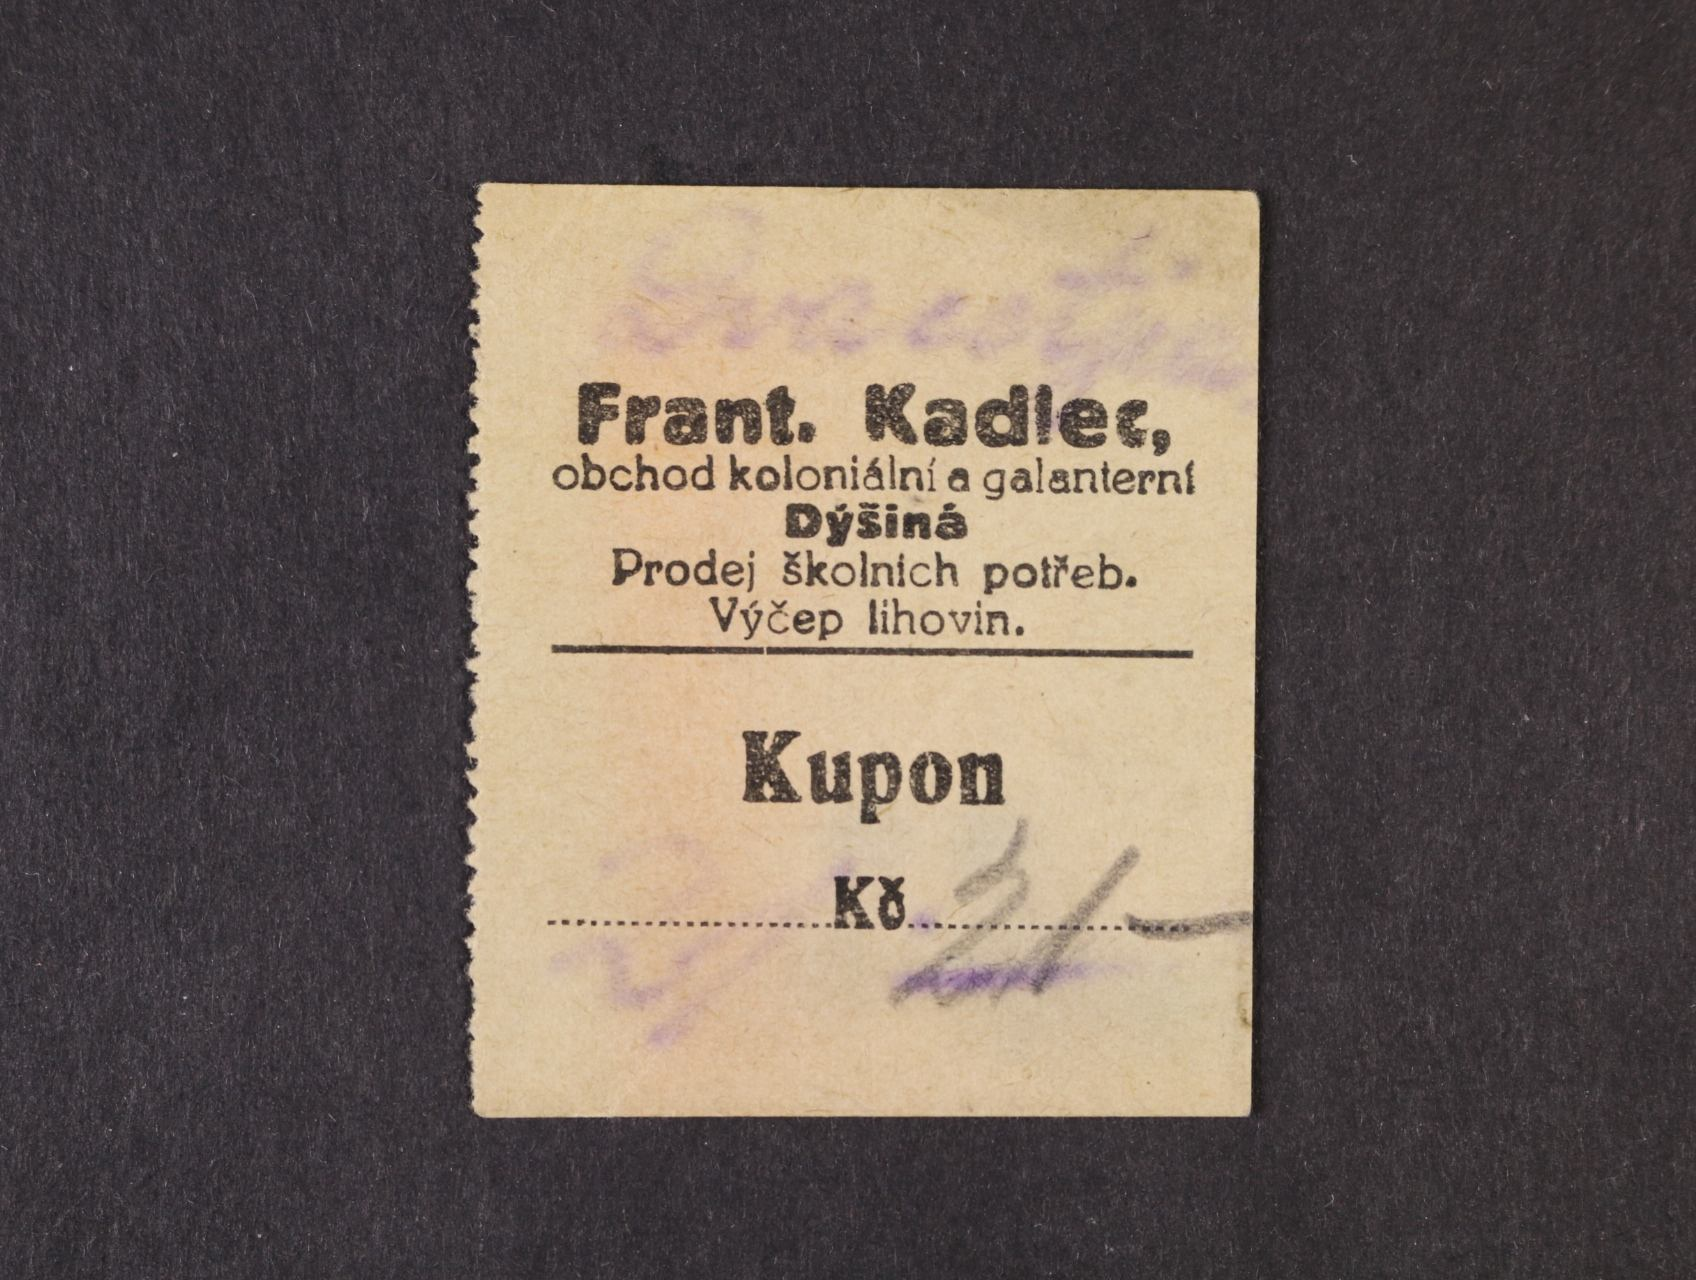 Dýšina, 21 Kč b.d. Frant. Kadlec, D.H. 40.1.16